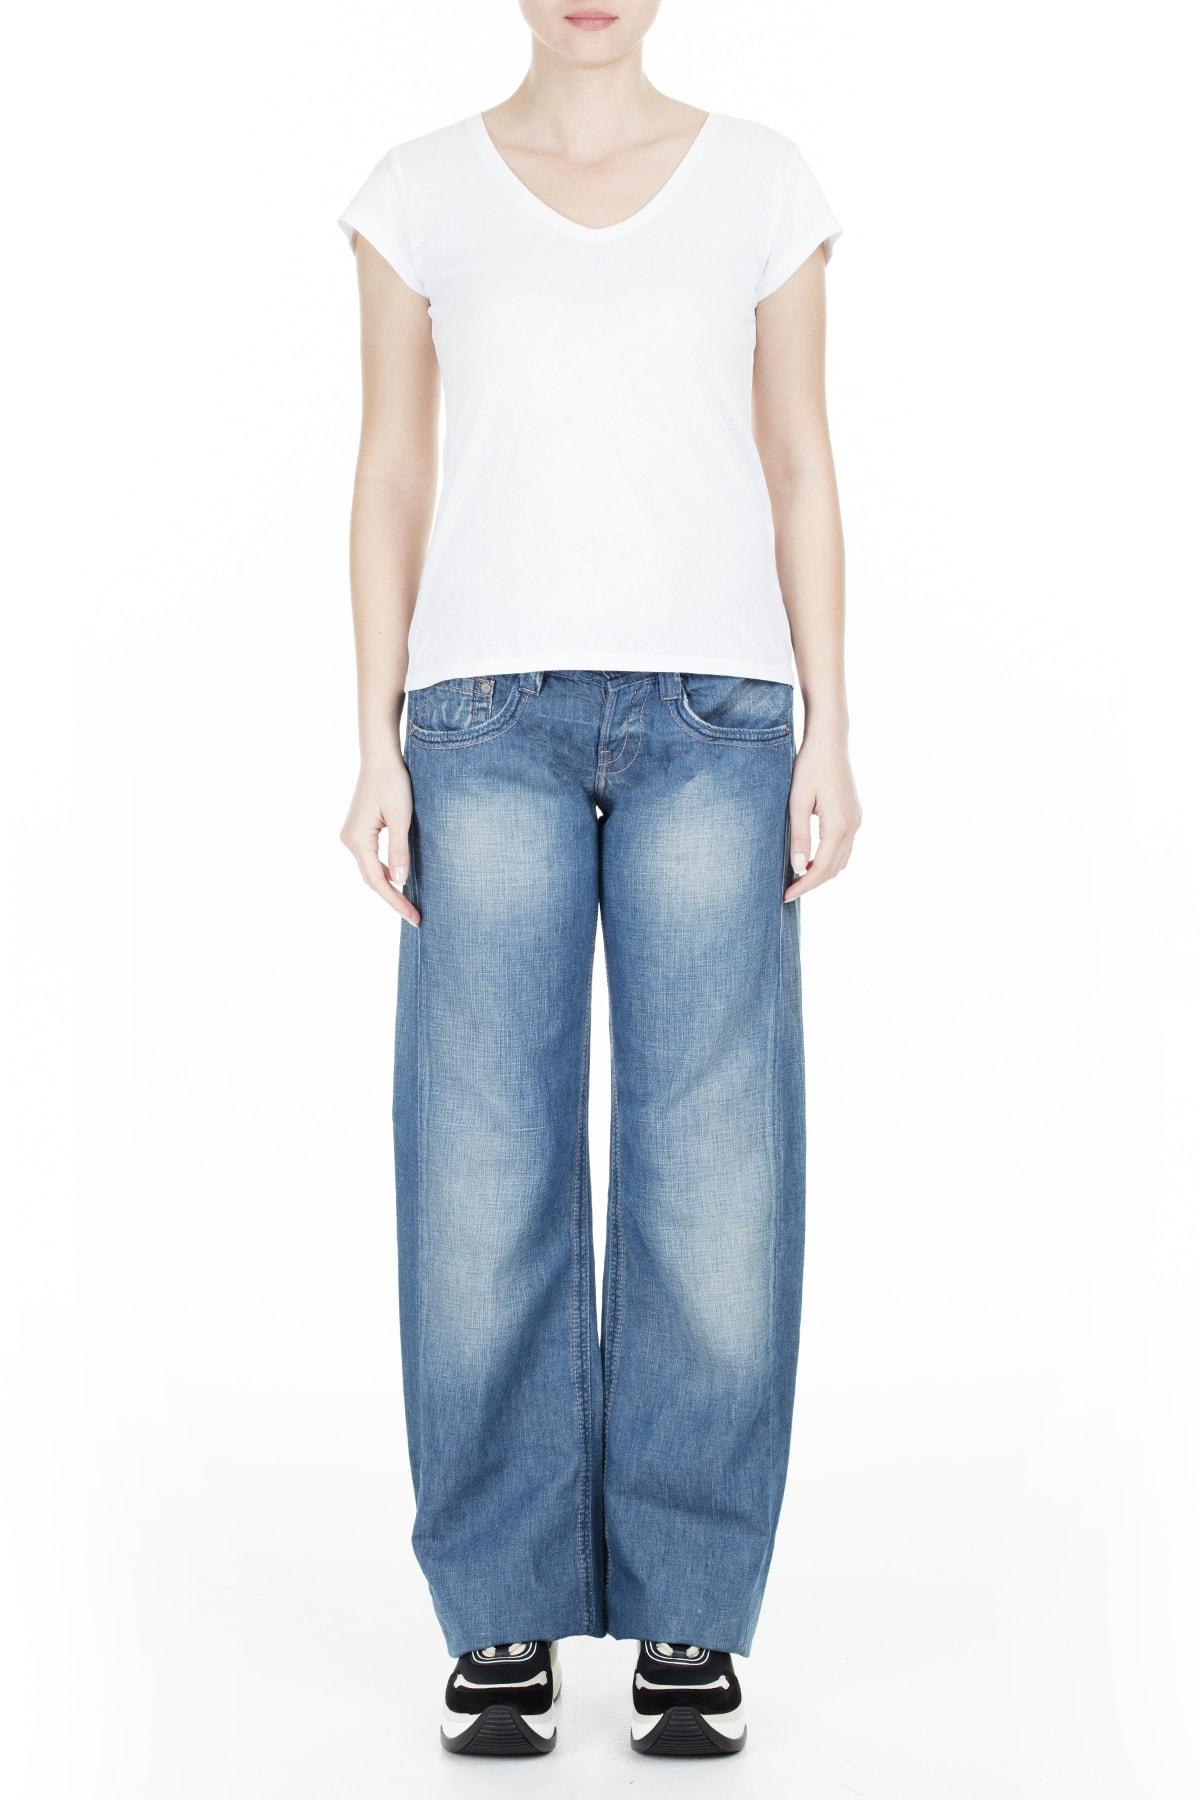 Replay Jeans Kadın Kot Pantolon Zoxwv410A